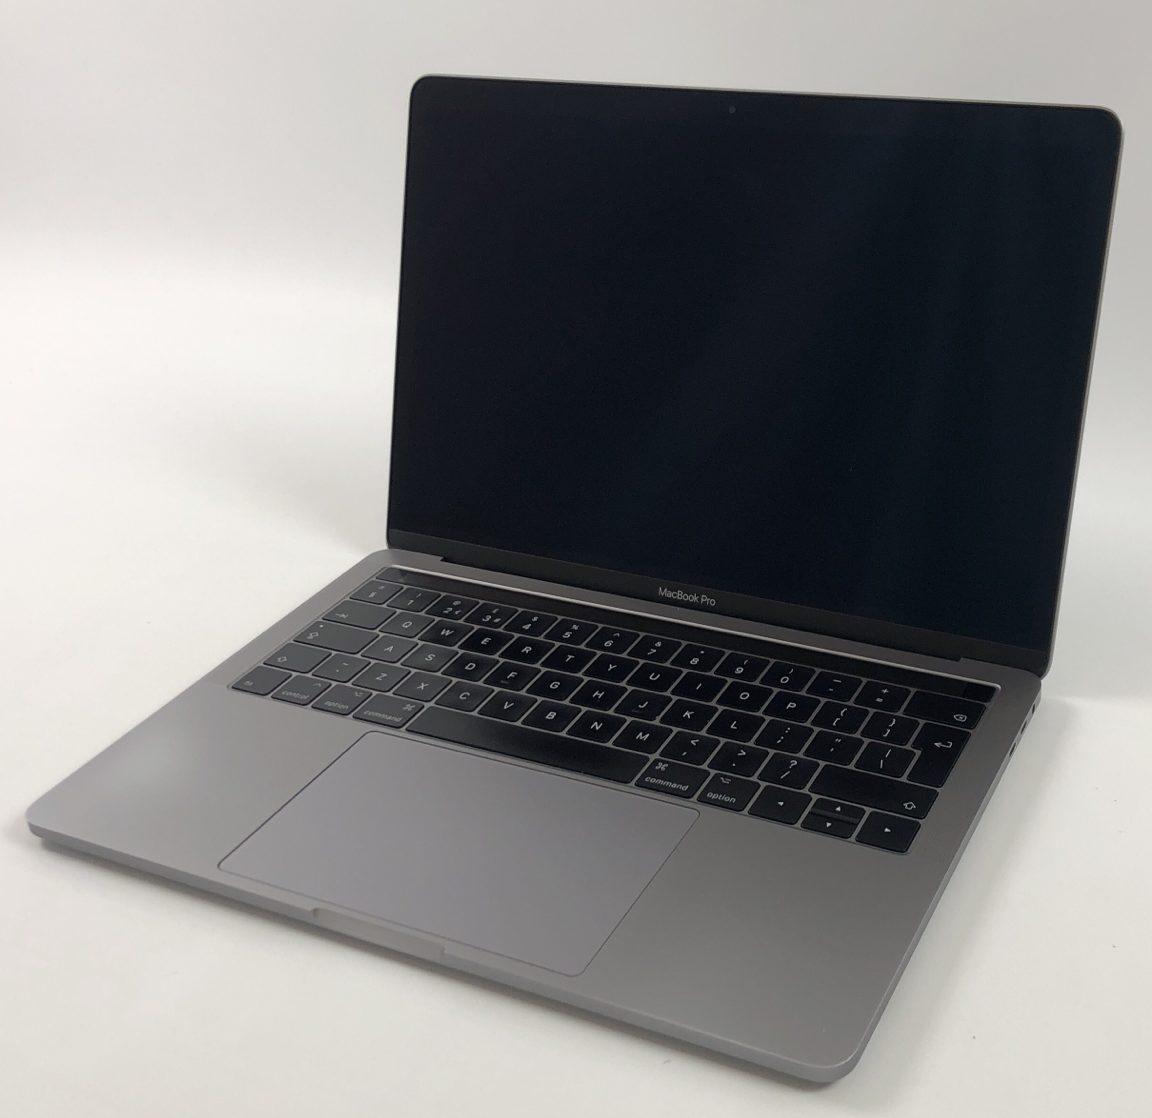 """MacBook Pro 13"""" 4TBT Mid 2017 (Intel Core i7 3.5 GHz 16 GB RAM 256 GB SSD), Space Gray, Intel Core i7 3.5 GHz, 16 GB RAM, 256 GB SSD, image 1"""